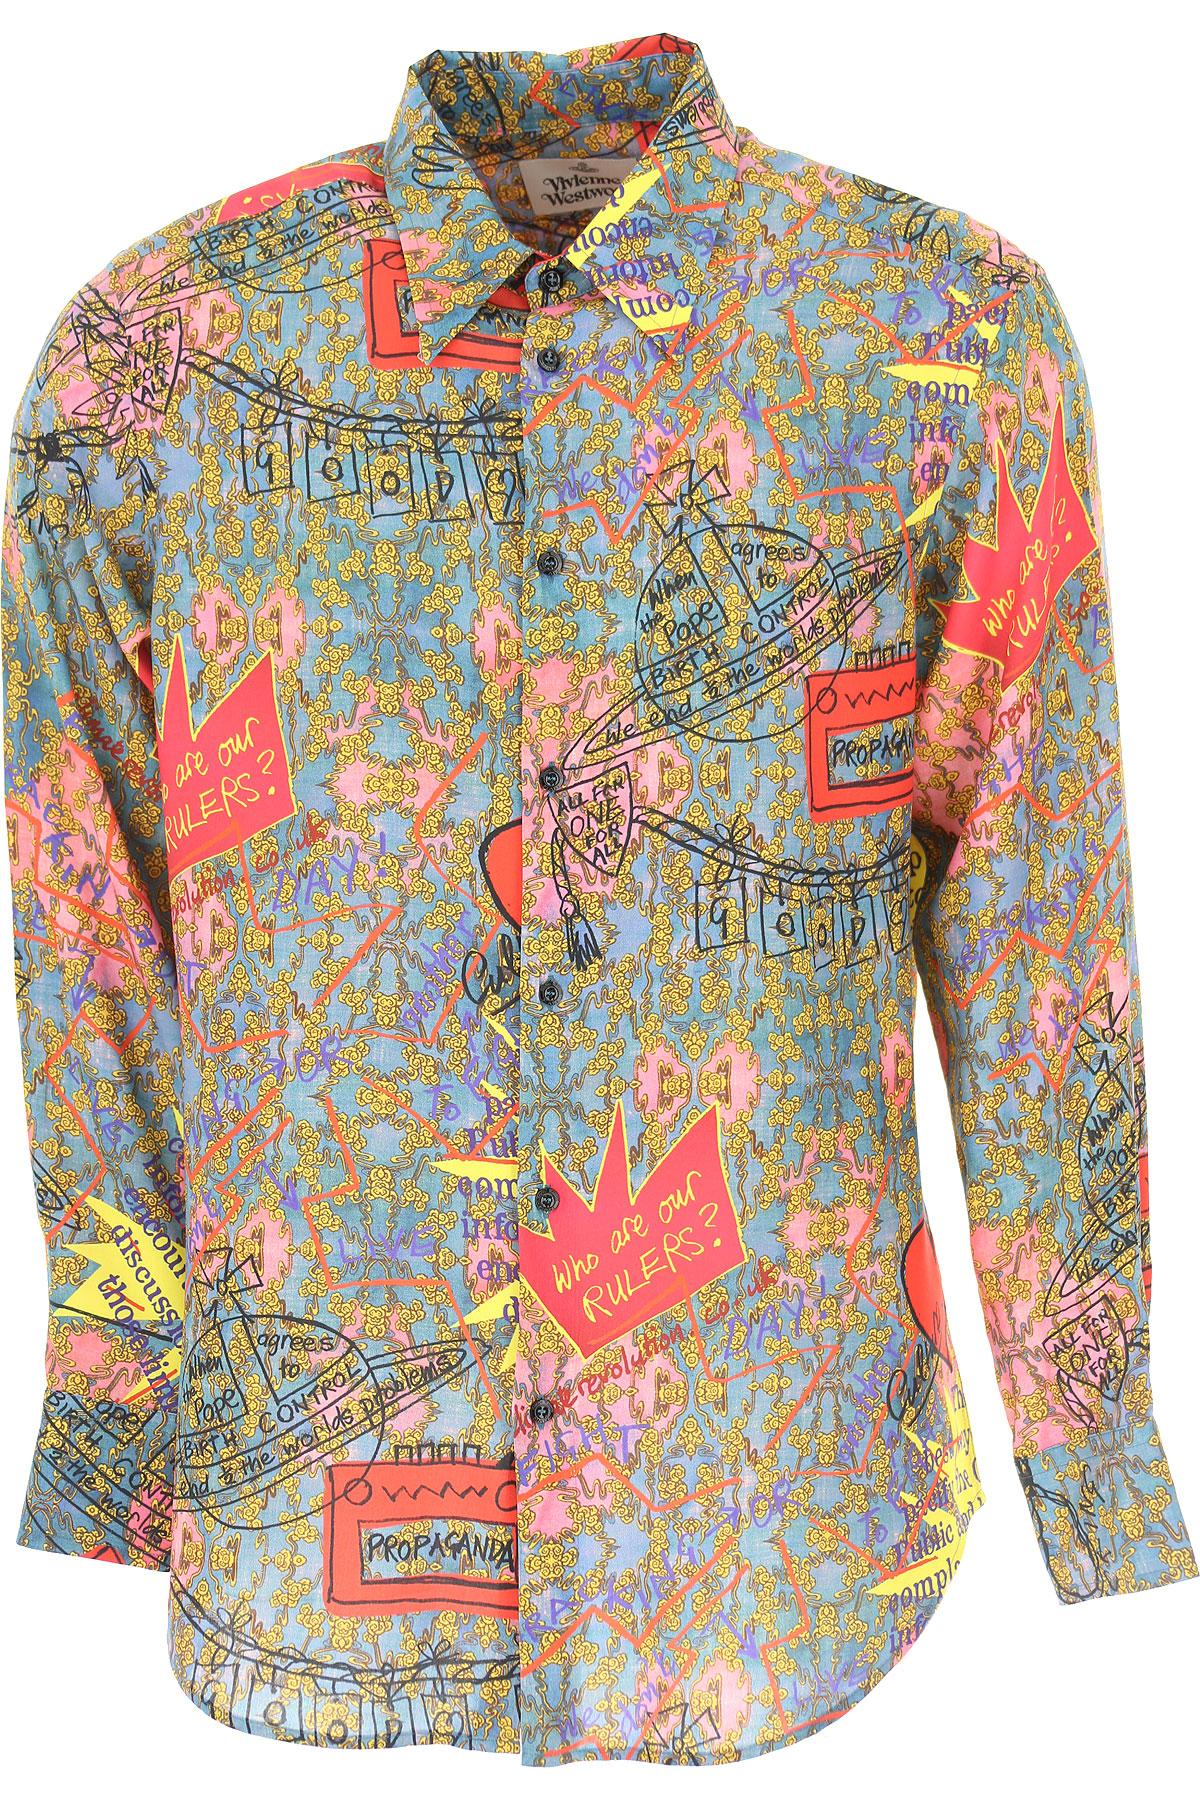 Vivienne Westwood Chemise Homme, Multicolore, Coton, 2017, L M M S S XL XL XXL